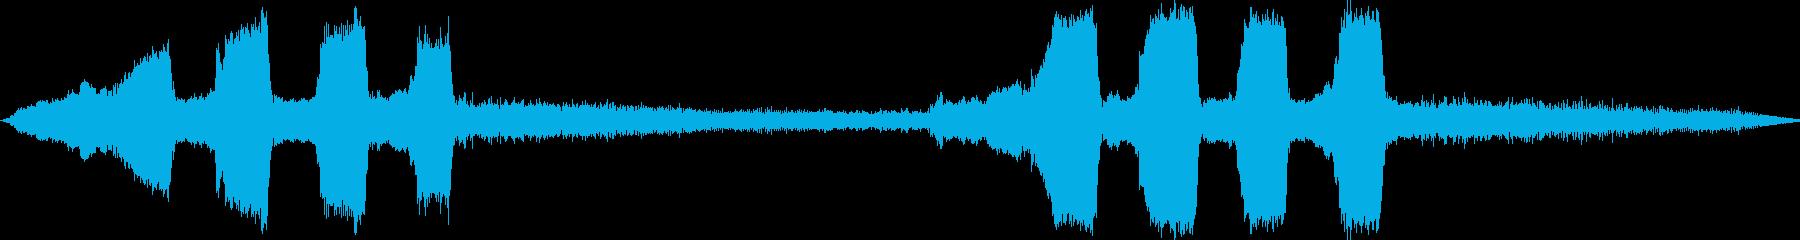 踏切警報音とセミの鳴き声です。の再生済みの波形